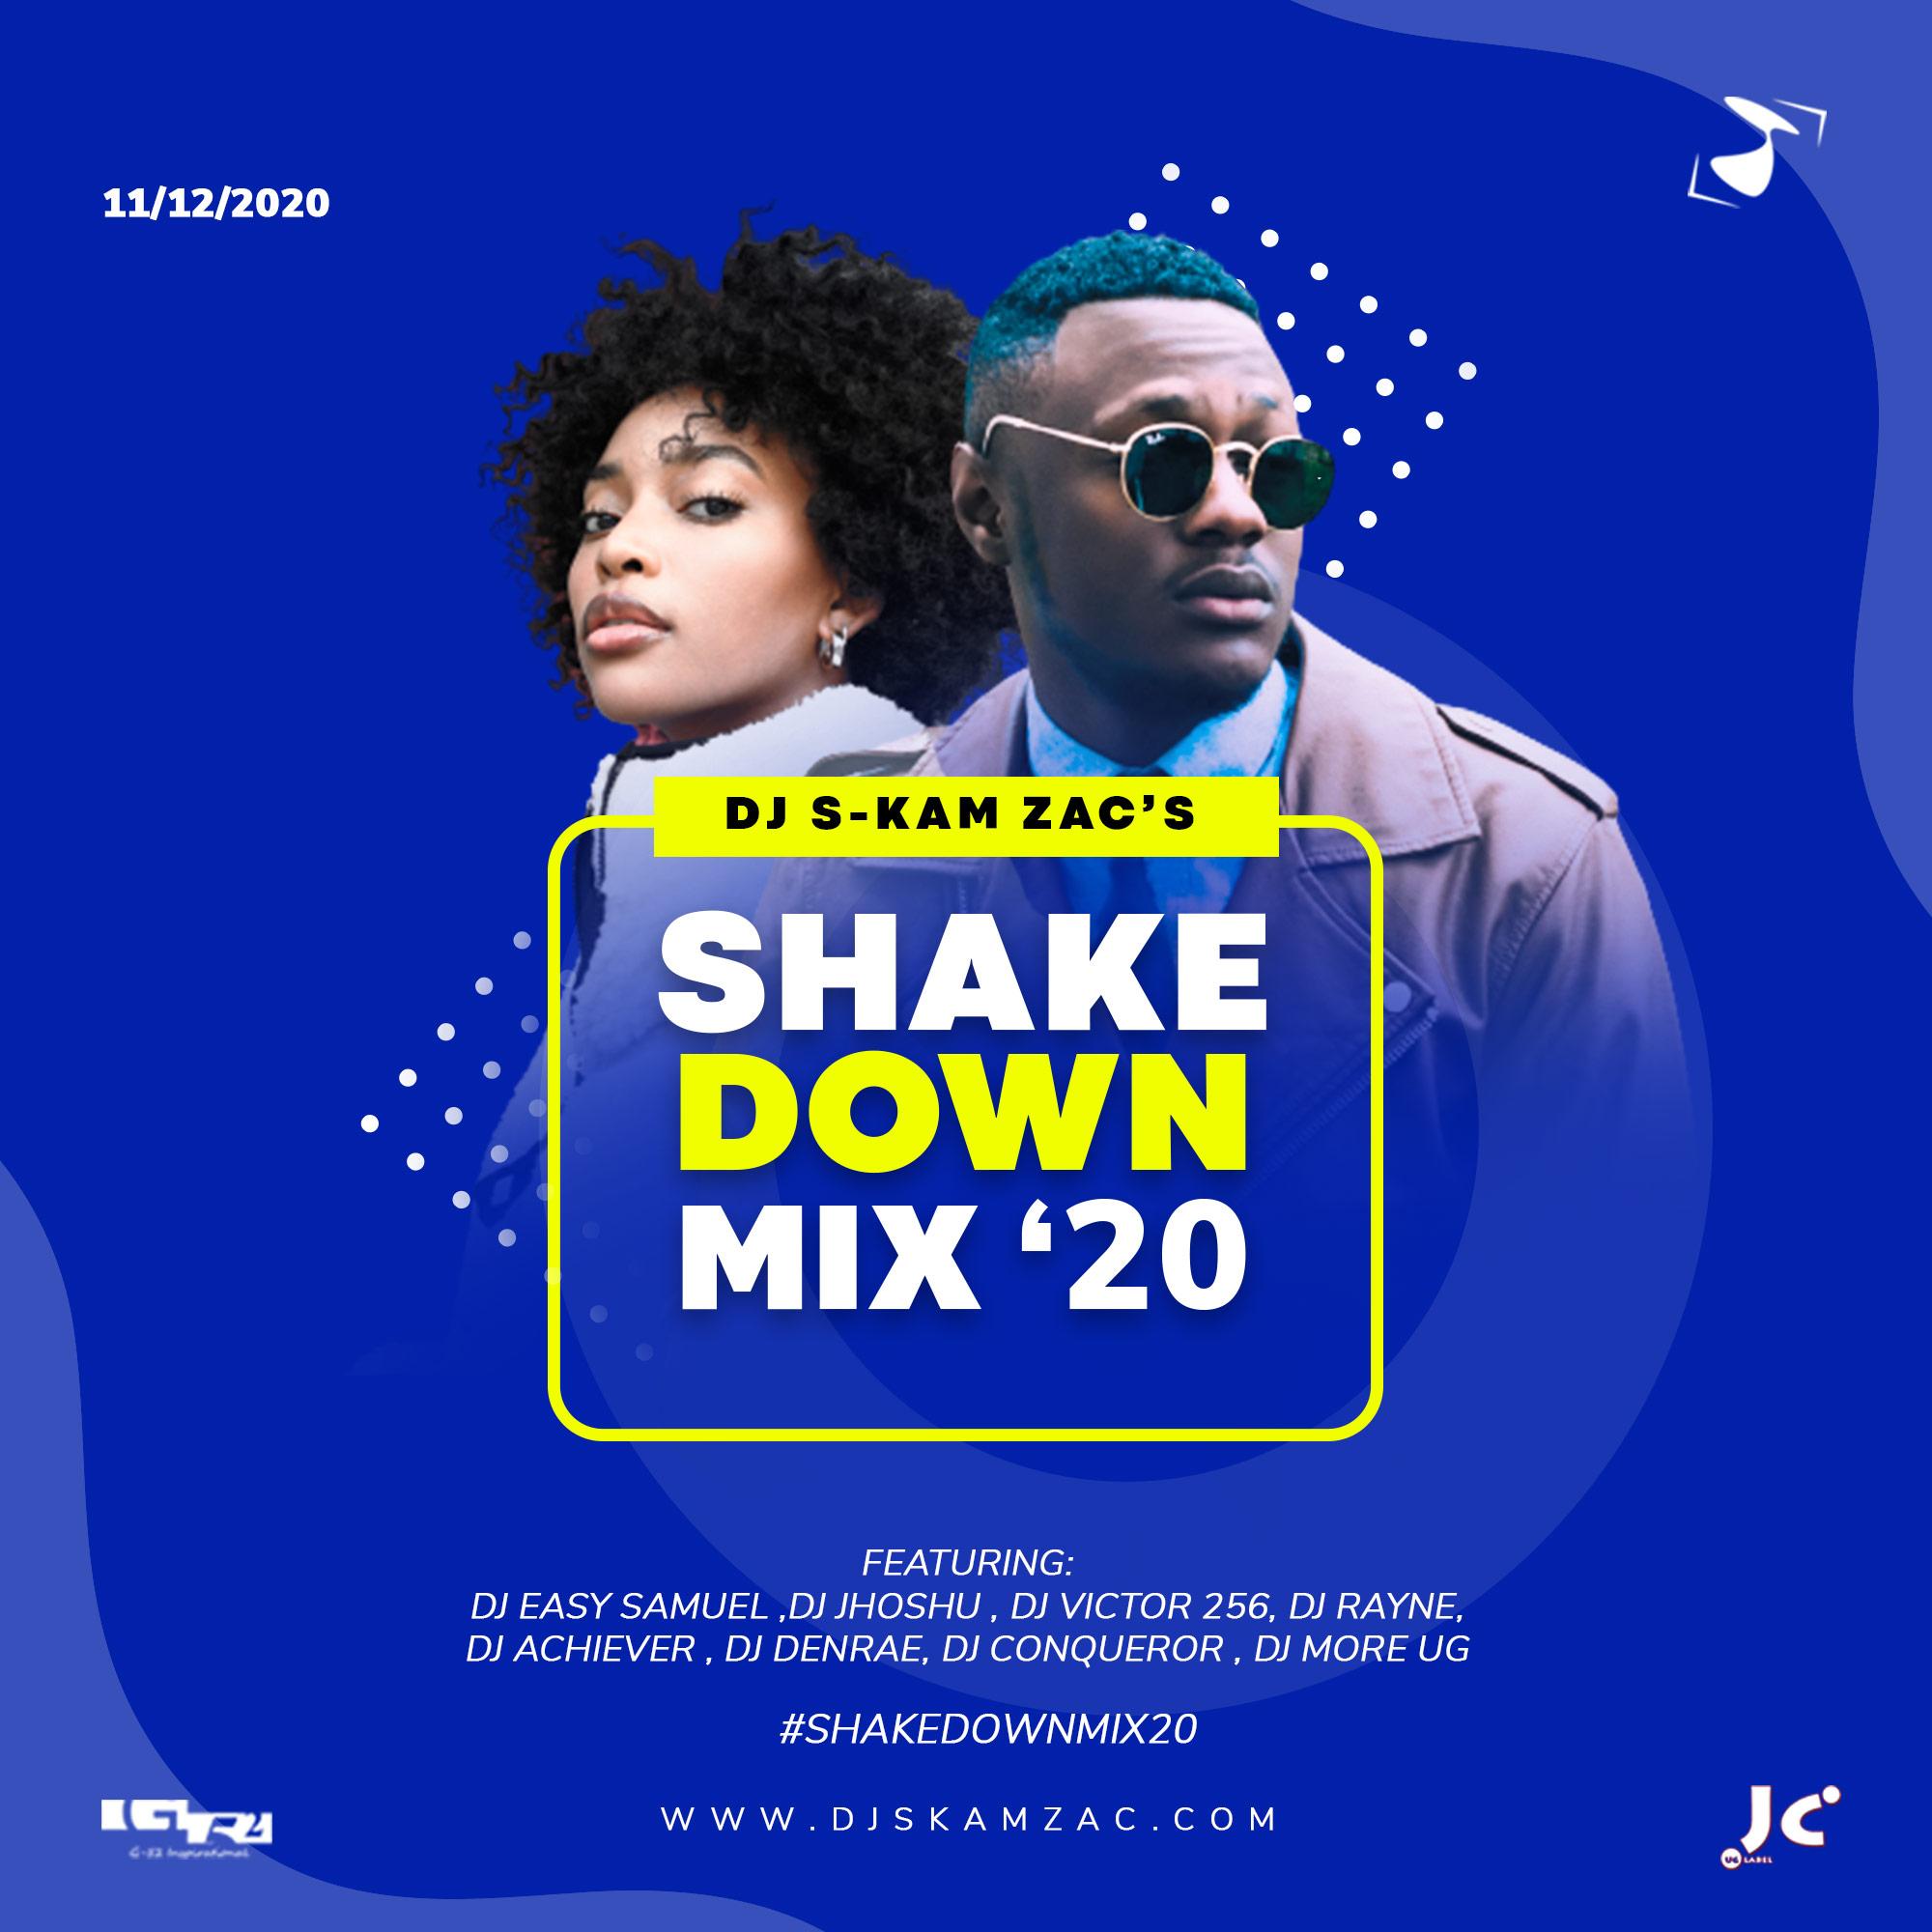 ShakeDownMix 2020